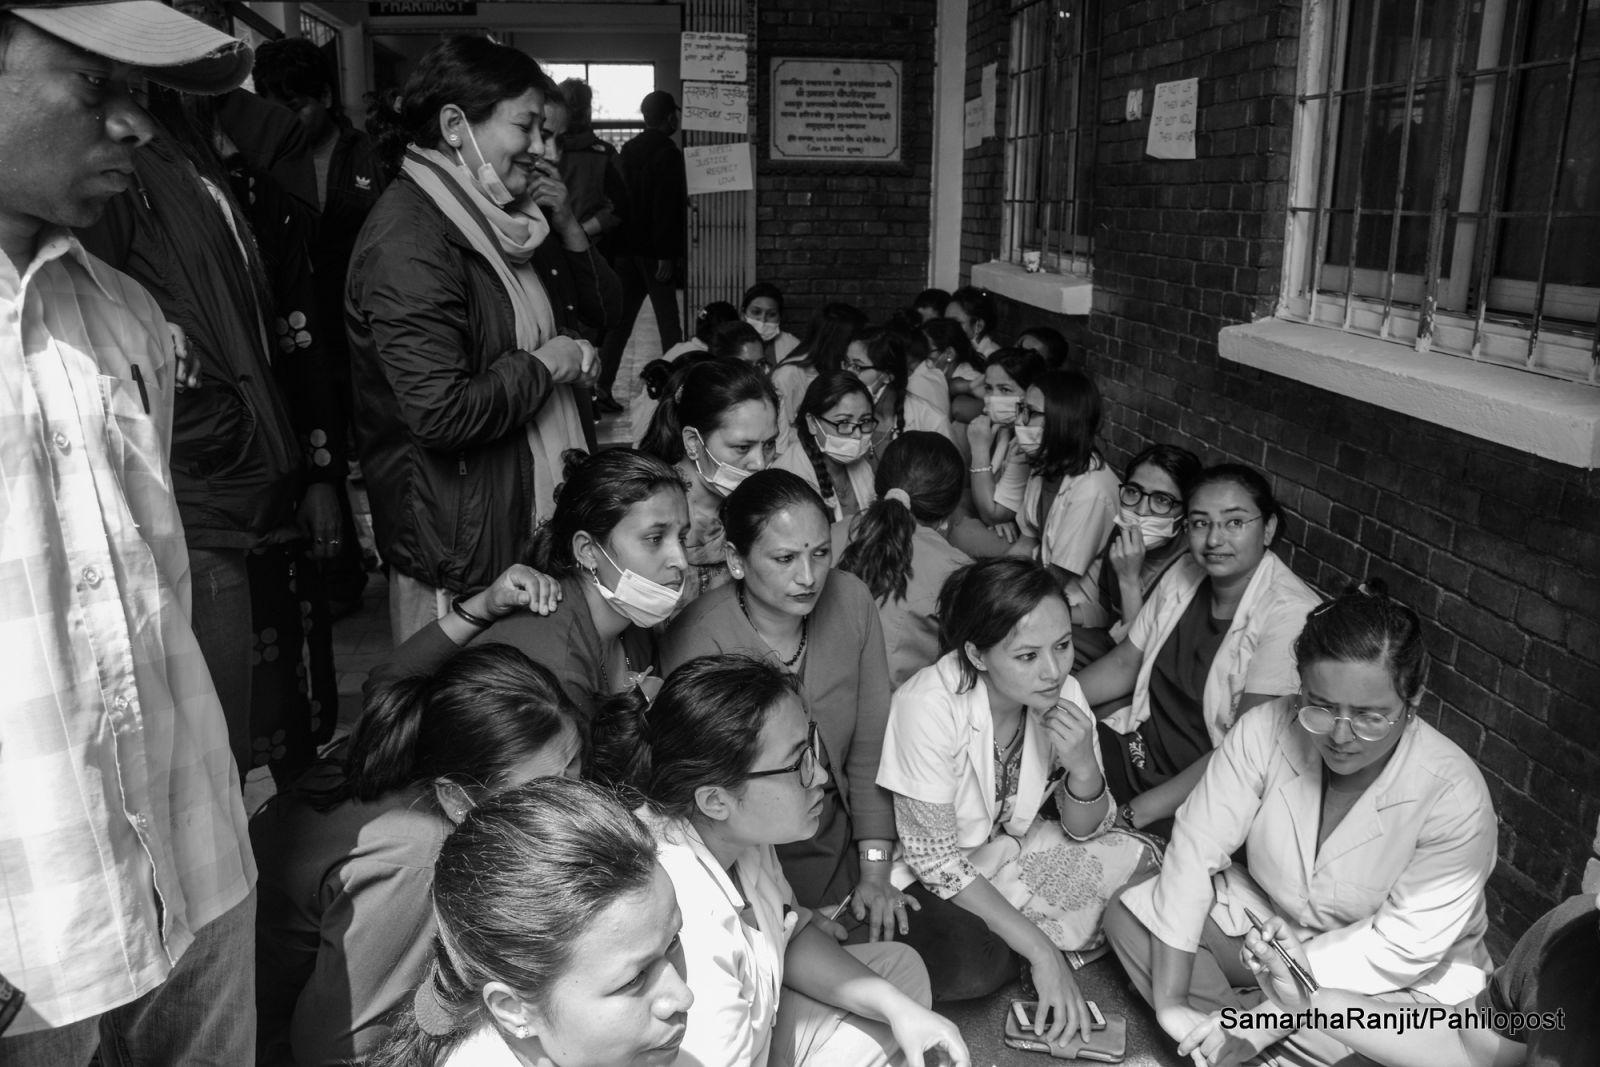 मानव अंग प्रत्यारोपण केन्द्र आन्दोलन : वार्तामा कुरा नमिलेपछि वार्ता टोली नै प्रहरी नियन्त्रणमा